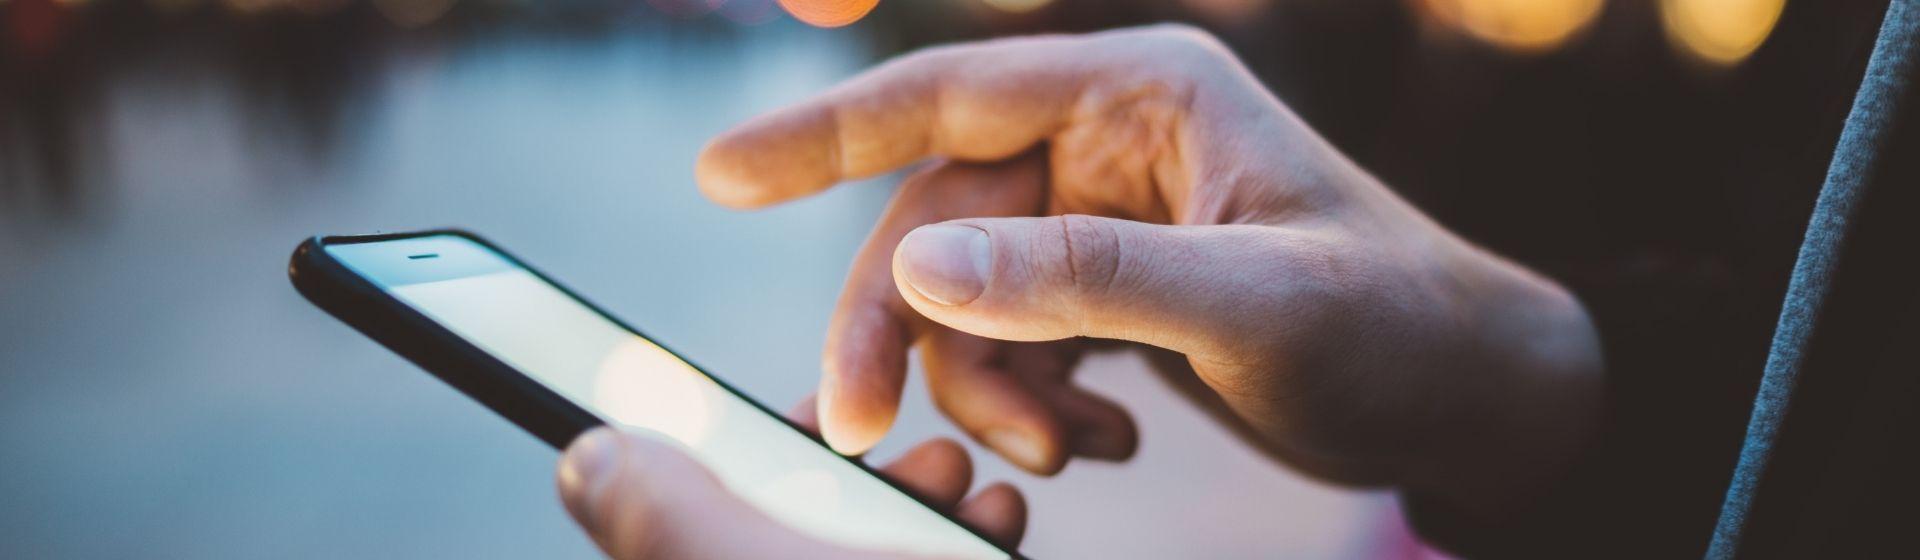 Toques para celular: como colocar música para tocar ao receber chamada